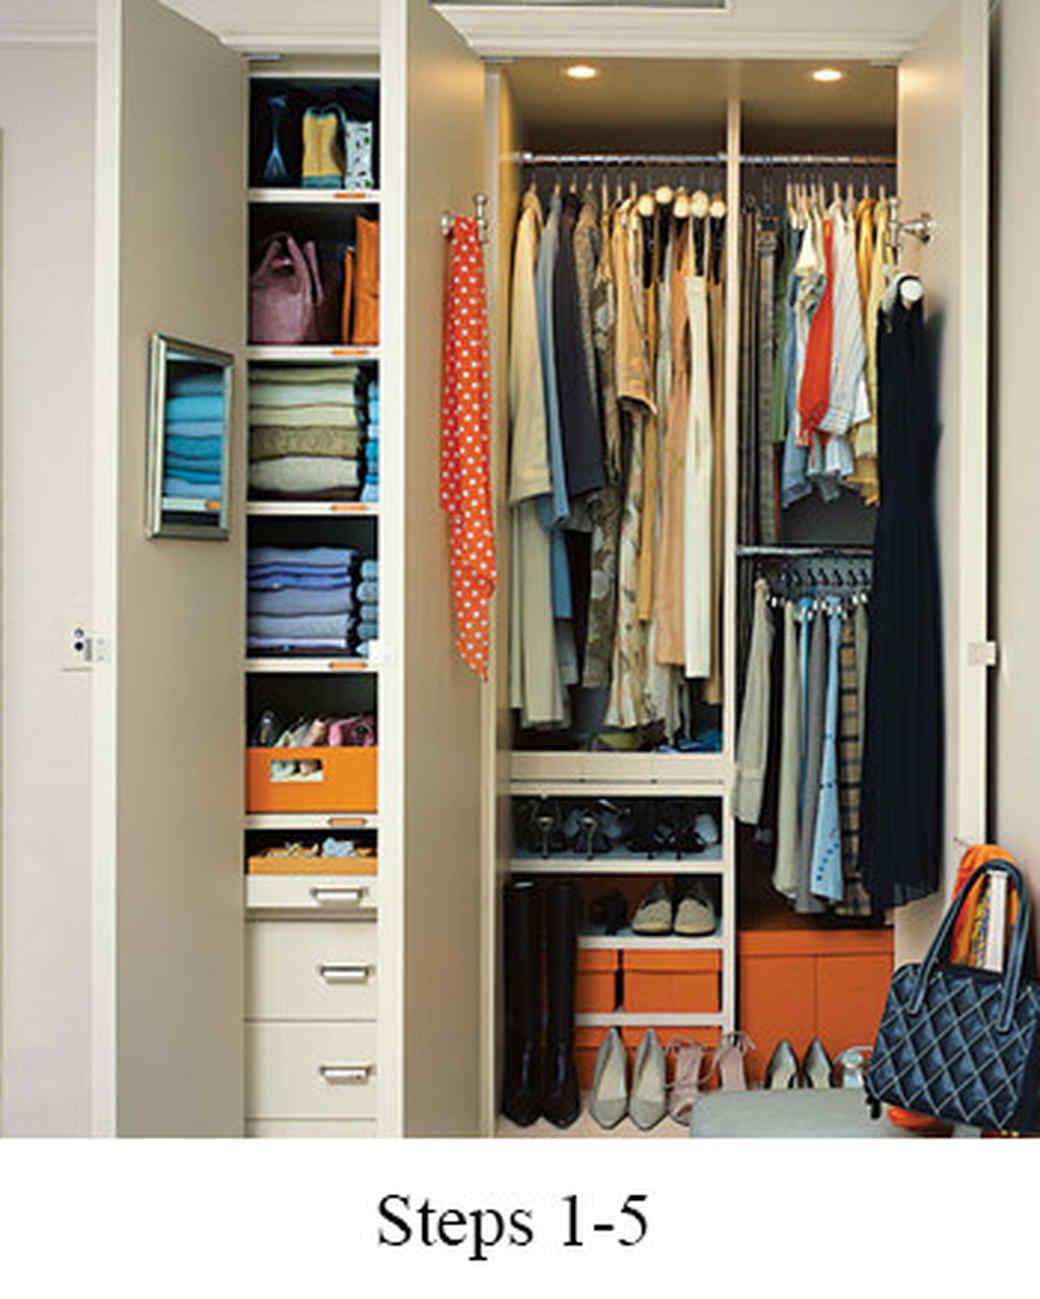 Closet Steps